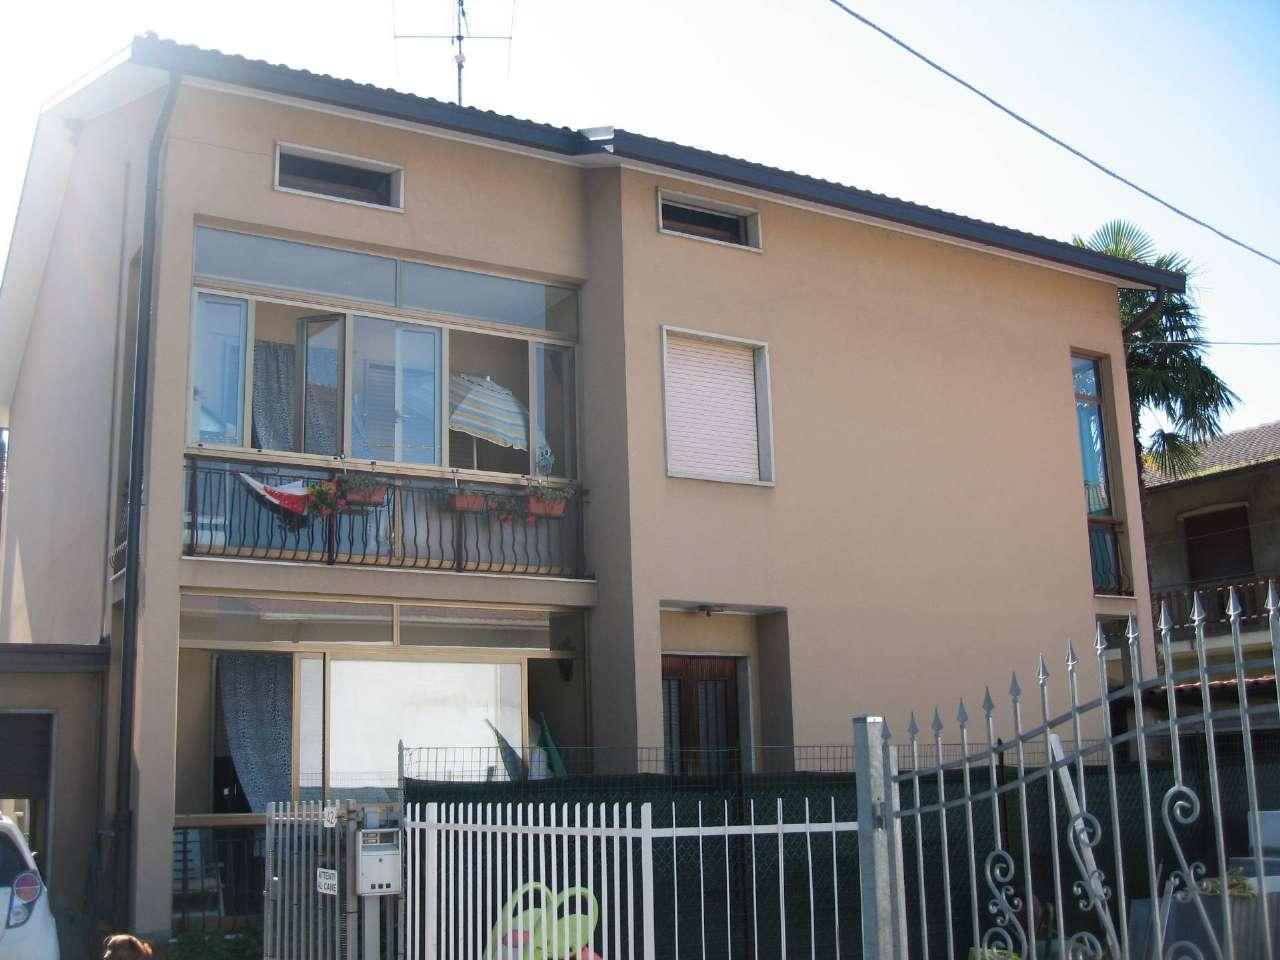 Soluzione Indipendente in vendita a Brembate di Sopra, 8 locali, prezzo € 196.000 | PortaleAgenzieImmobiliari.it